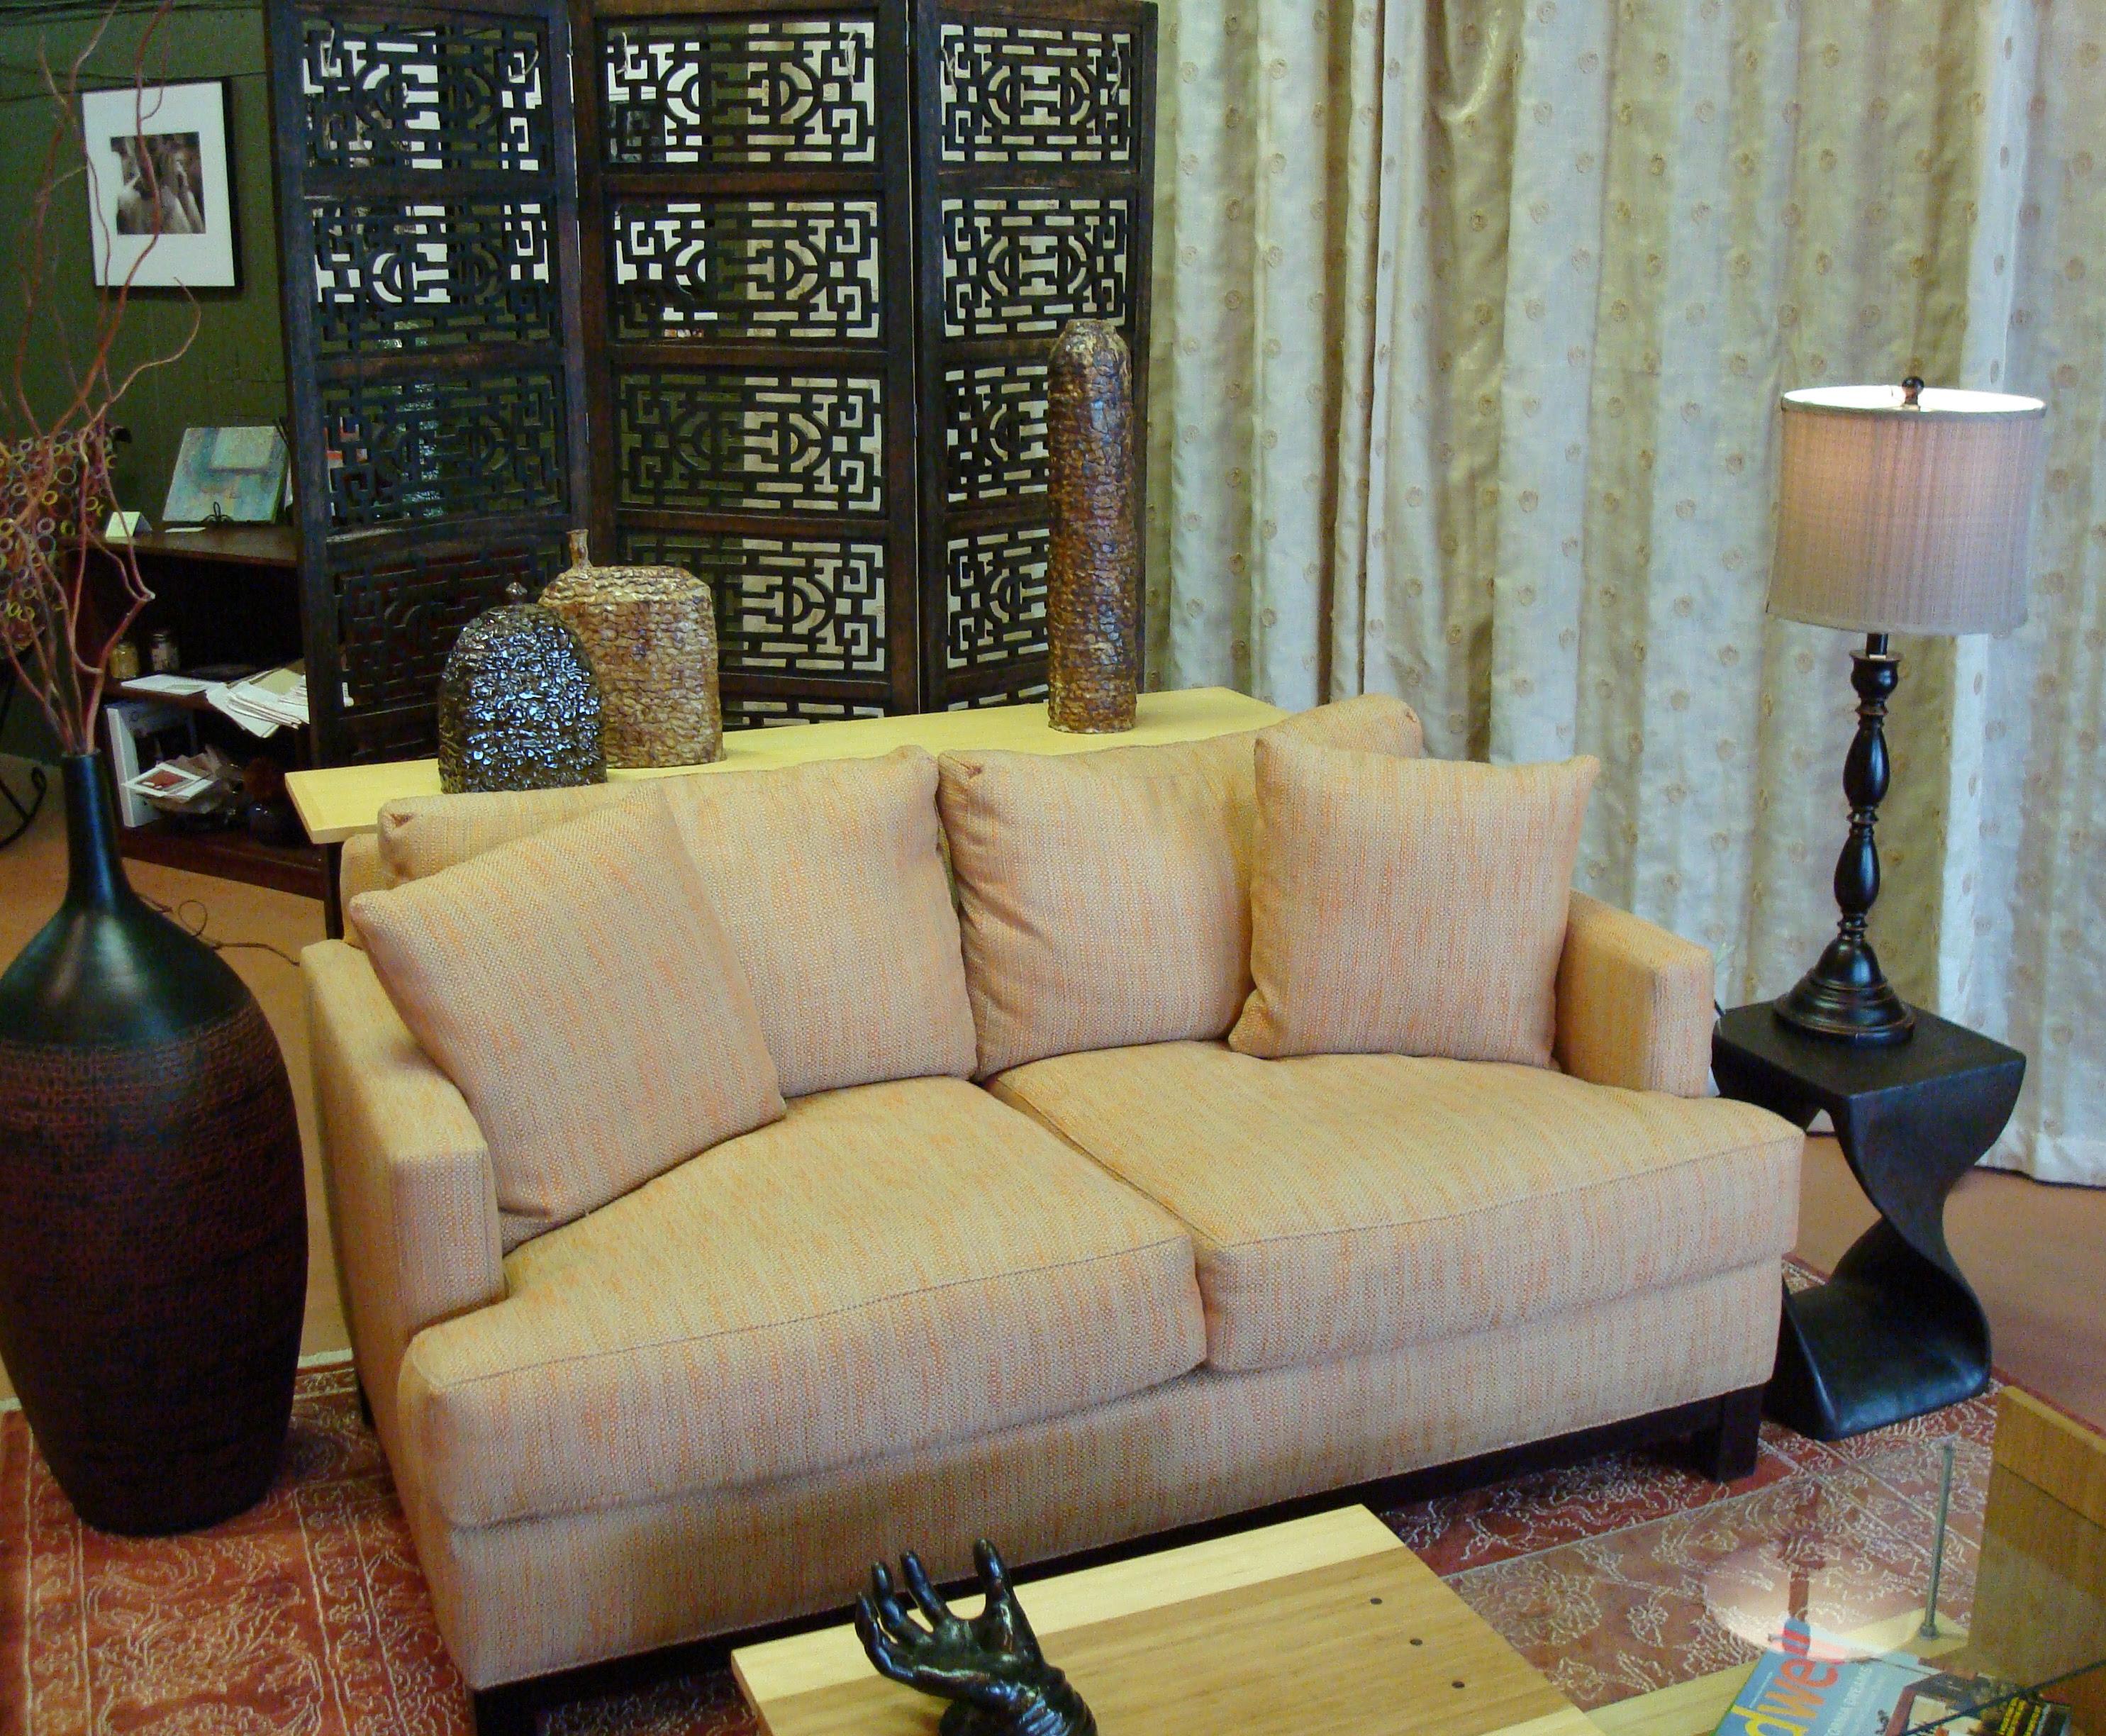 Bachelor Living Room Design: Earth tones | EcoKind Design: Green ...